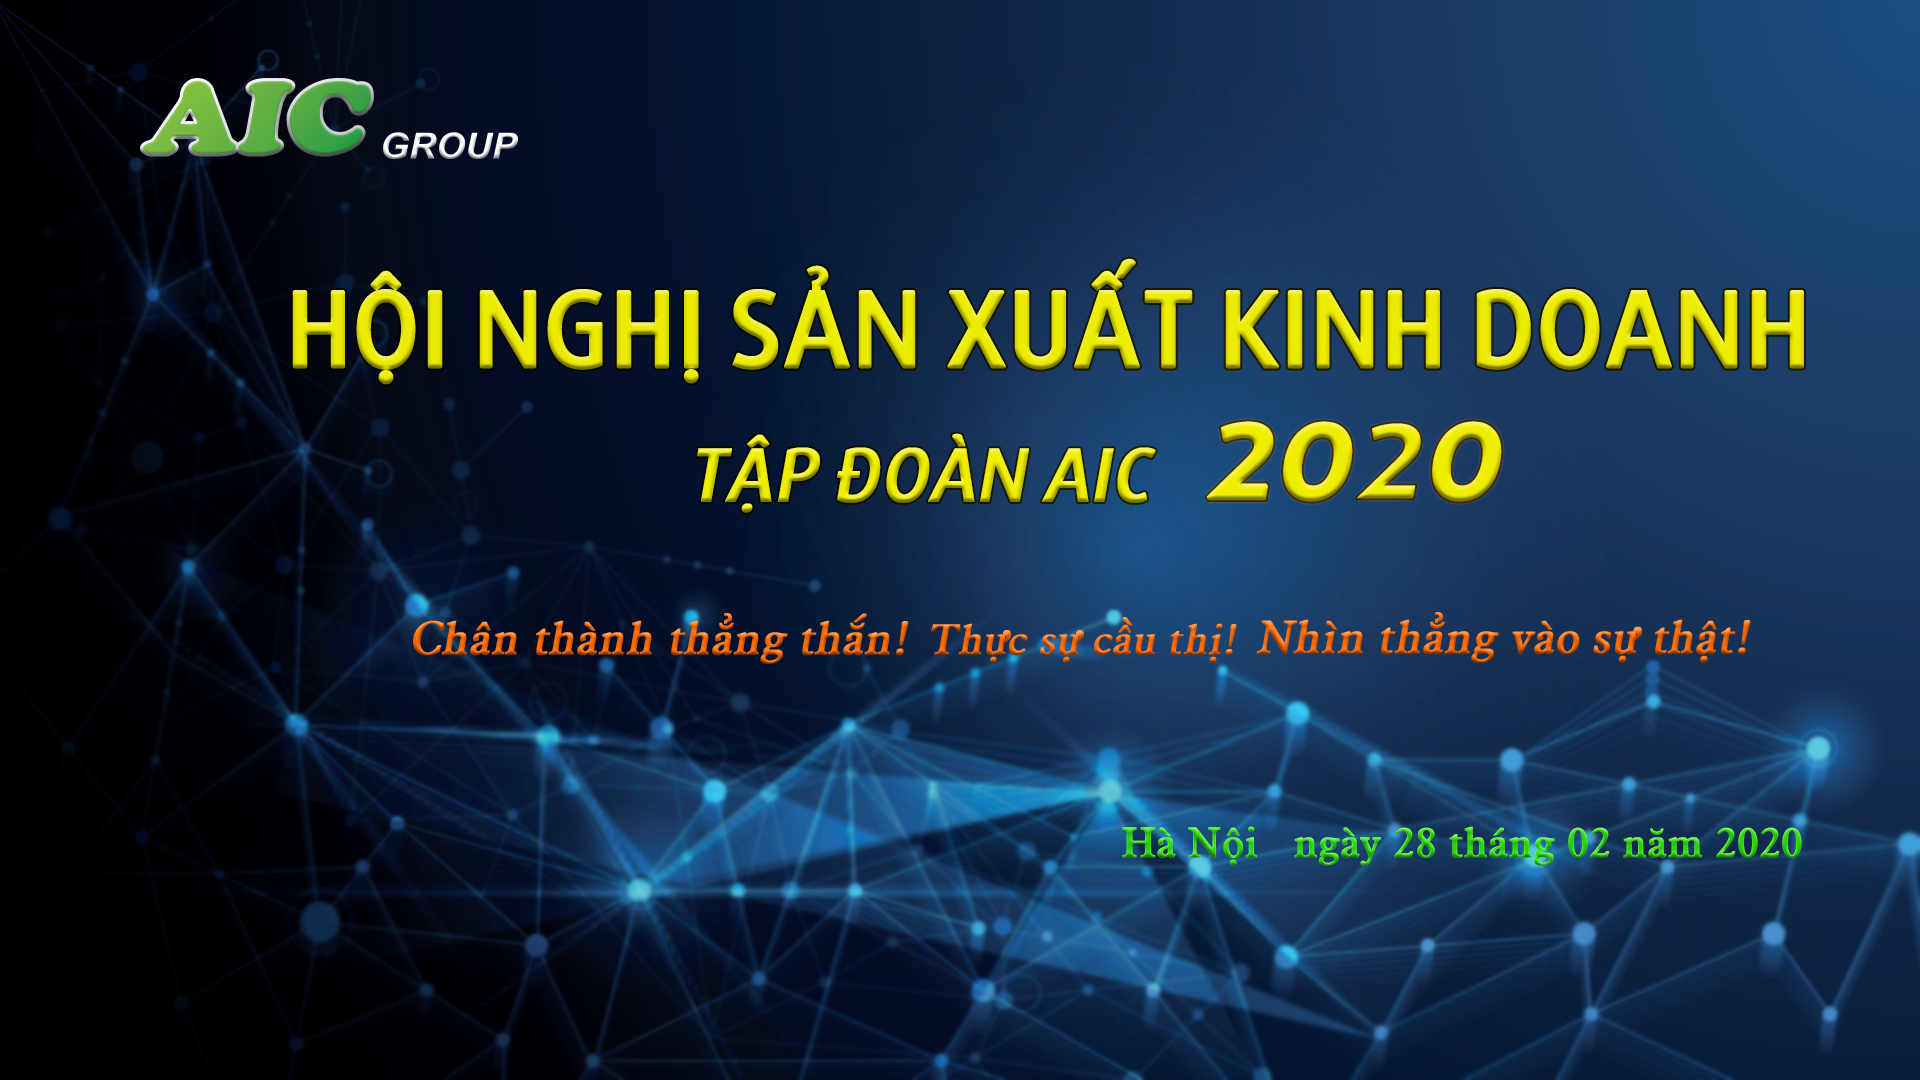 TOÀN CẢNH HỘI NGHỊ SXKD NĂM 2020 TẬP ĐOÀN AIC